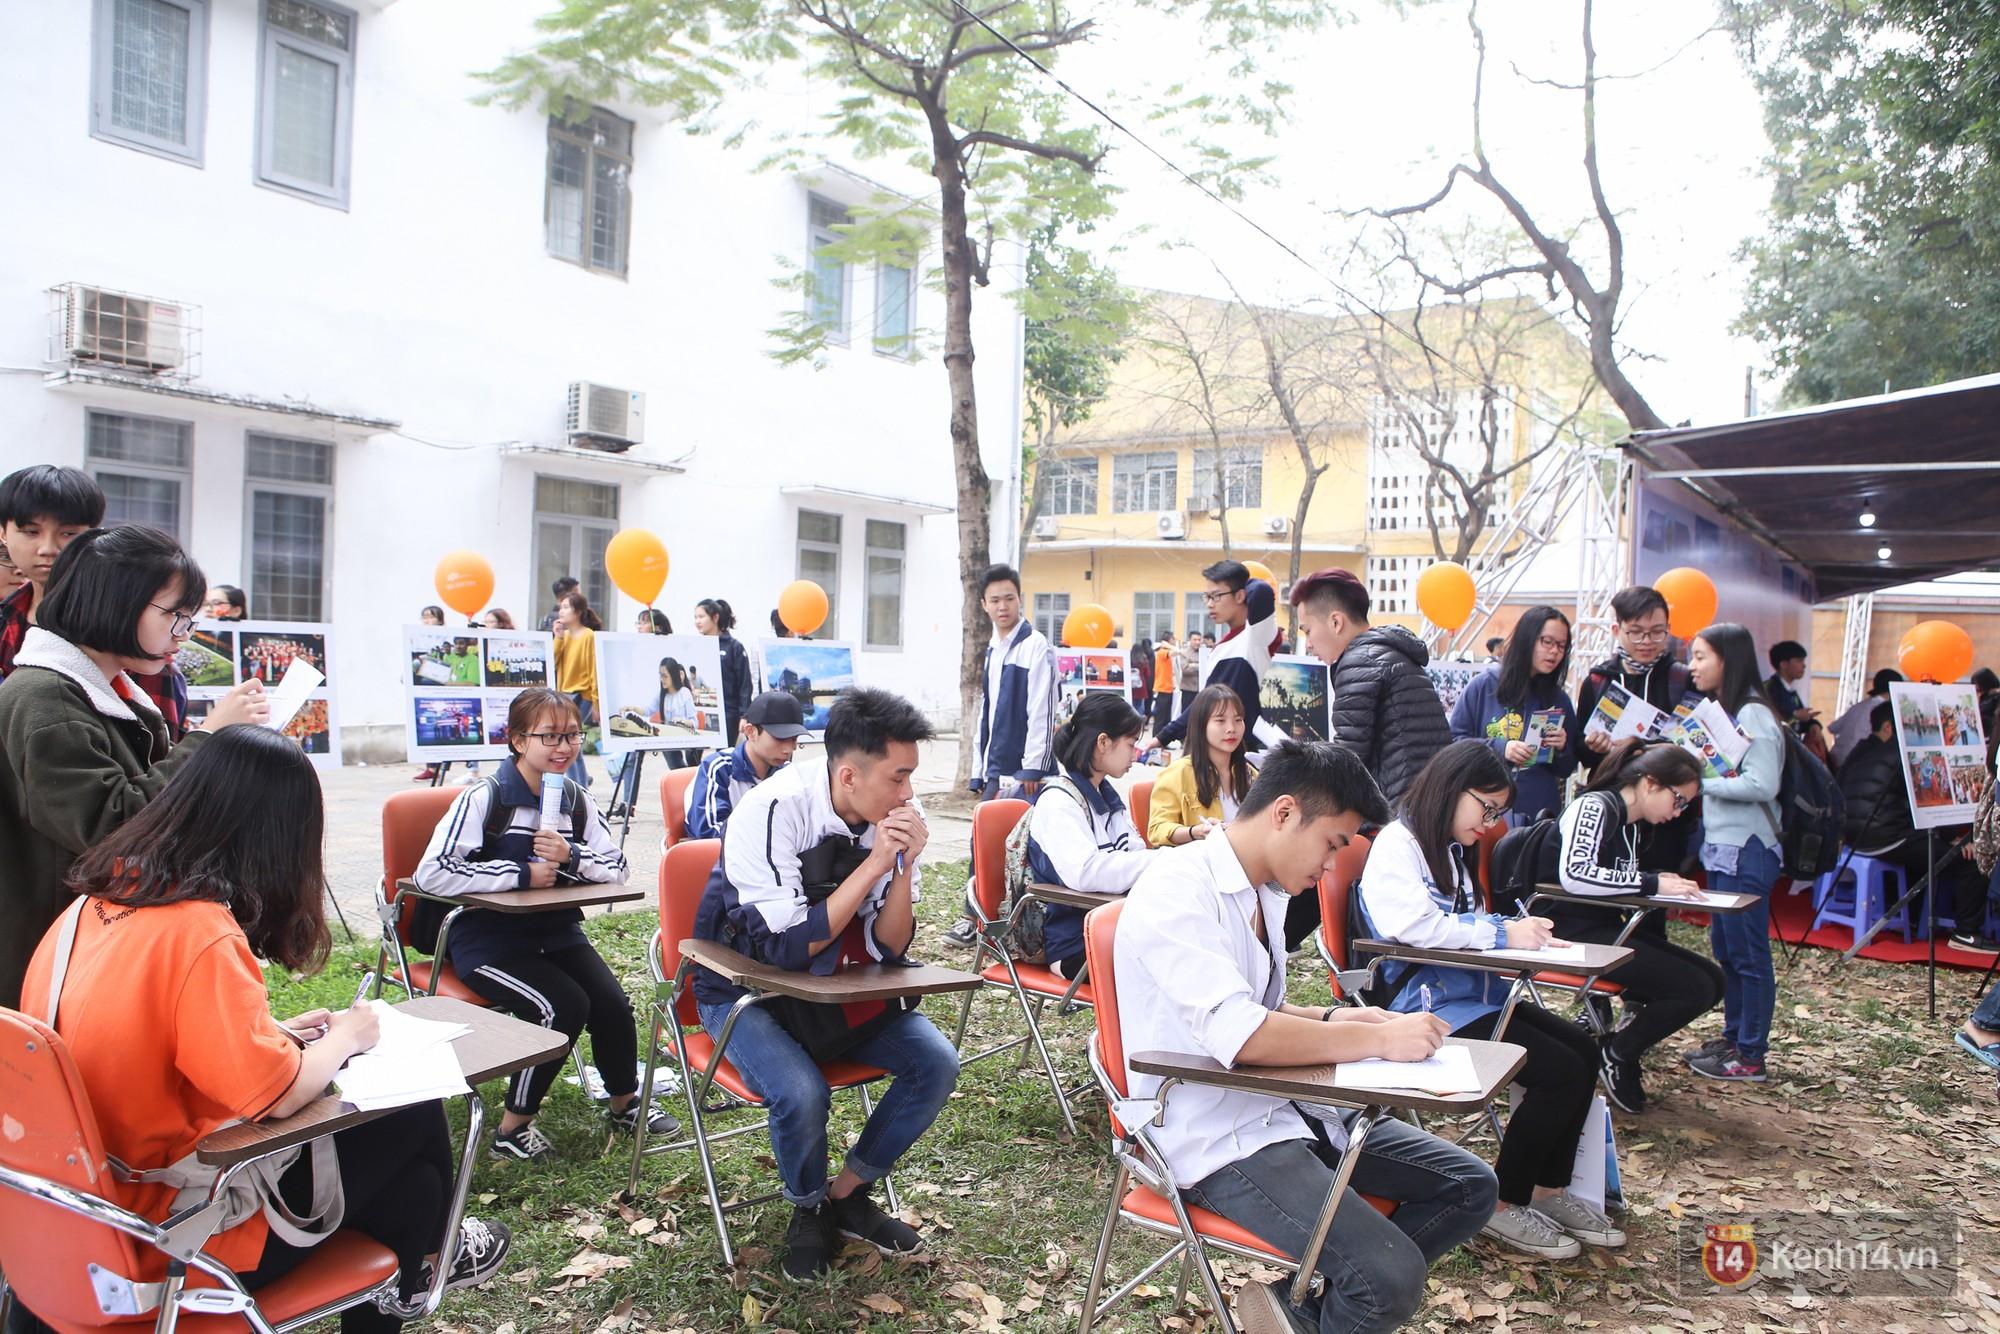 Hơn 10.000 học sinh được tư vấn, giải đáp thắc mắc các vấn đề hot nhất của kỳ thi THPT quốc gia 2018 - Ảnh 7.